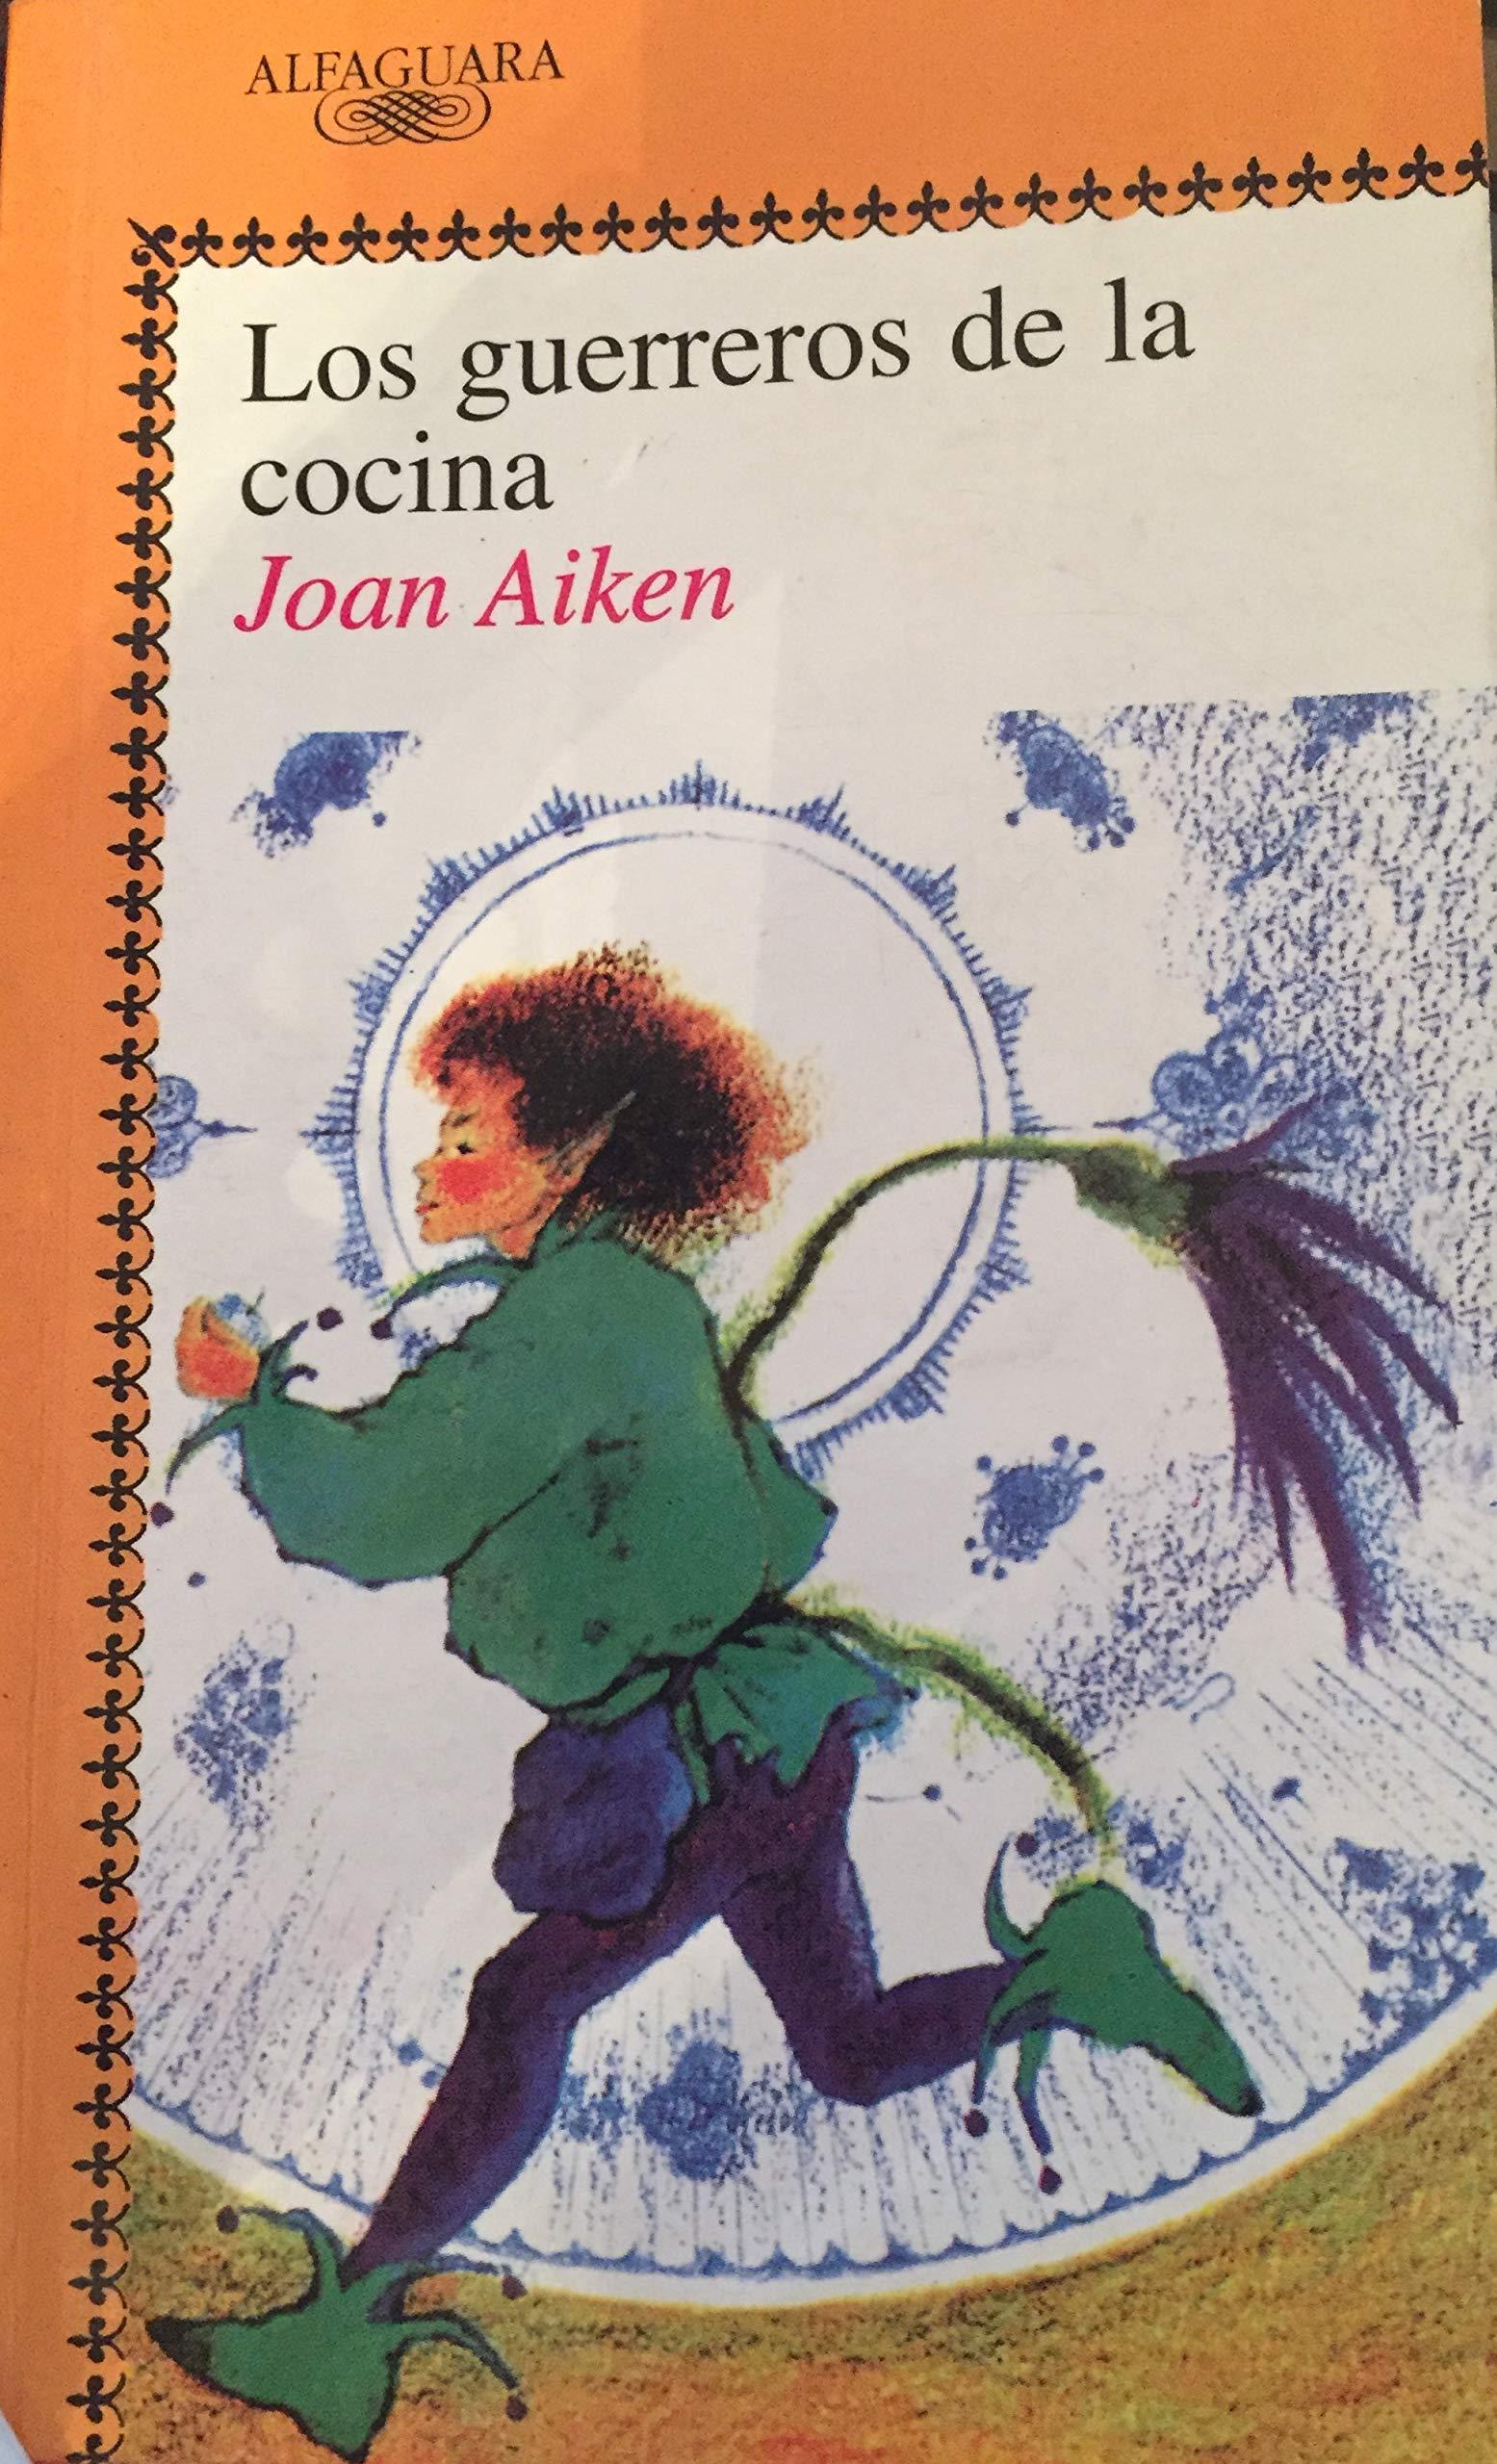 Guerreros de la cocina, los (Alfaguara Juvenil): Amazon.es: Joan Aiken: Libros